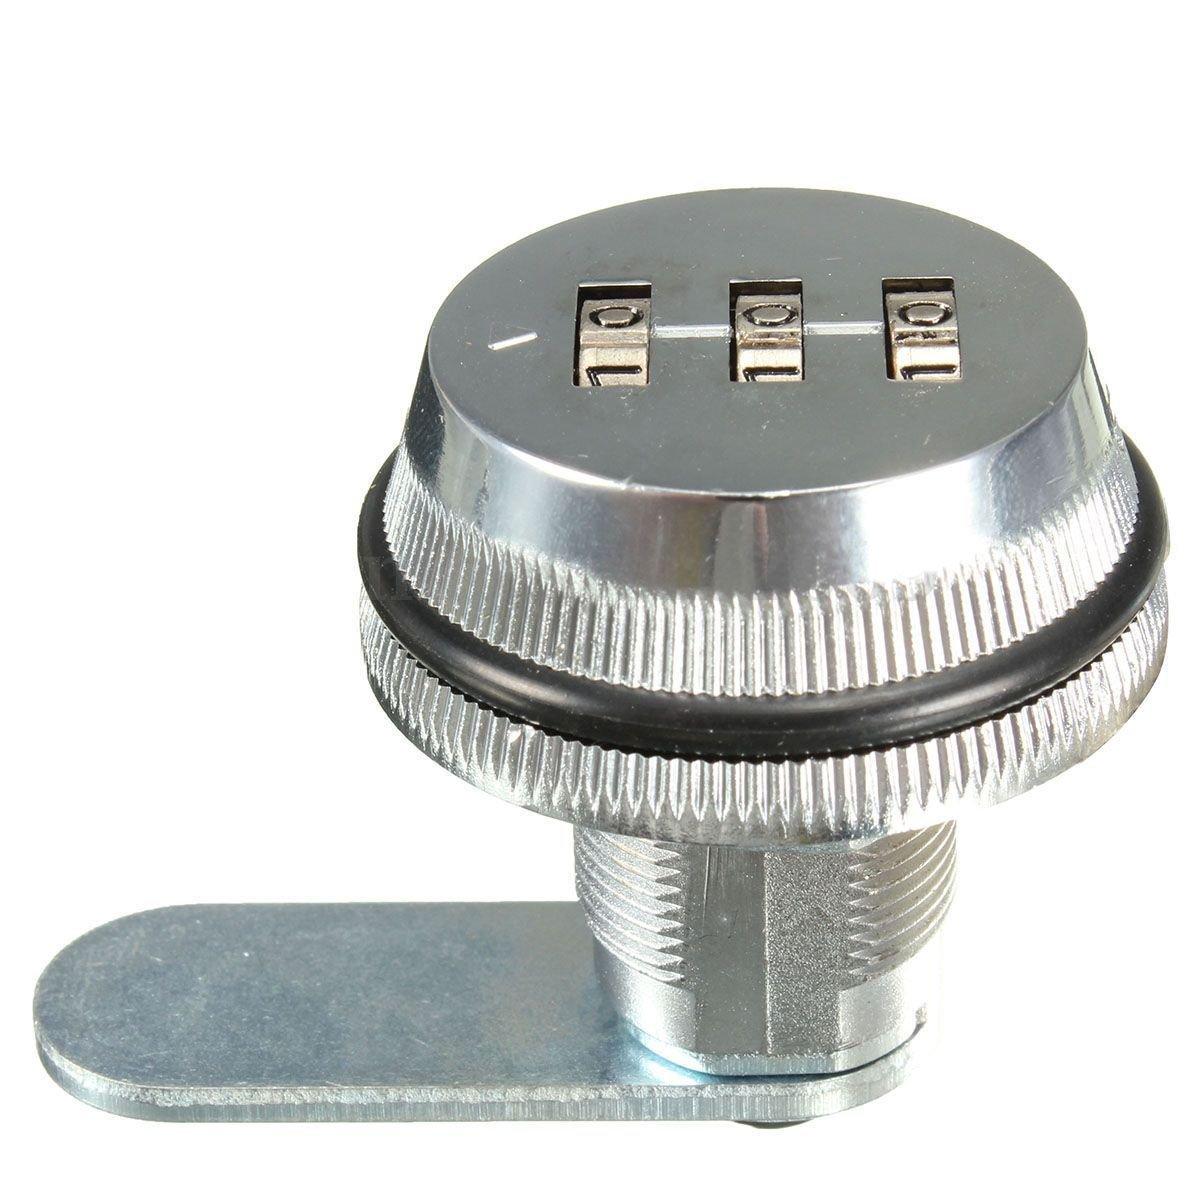 Cerradura de combinacion de codigo - TOOGOO(R) Cerradura de combinacion de codigo de aleacion sin llave de caja de correo del poste y de armario RV 3 Dial plata SPAGMA47877